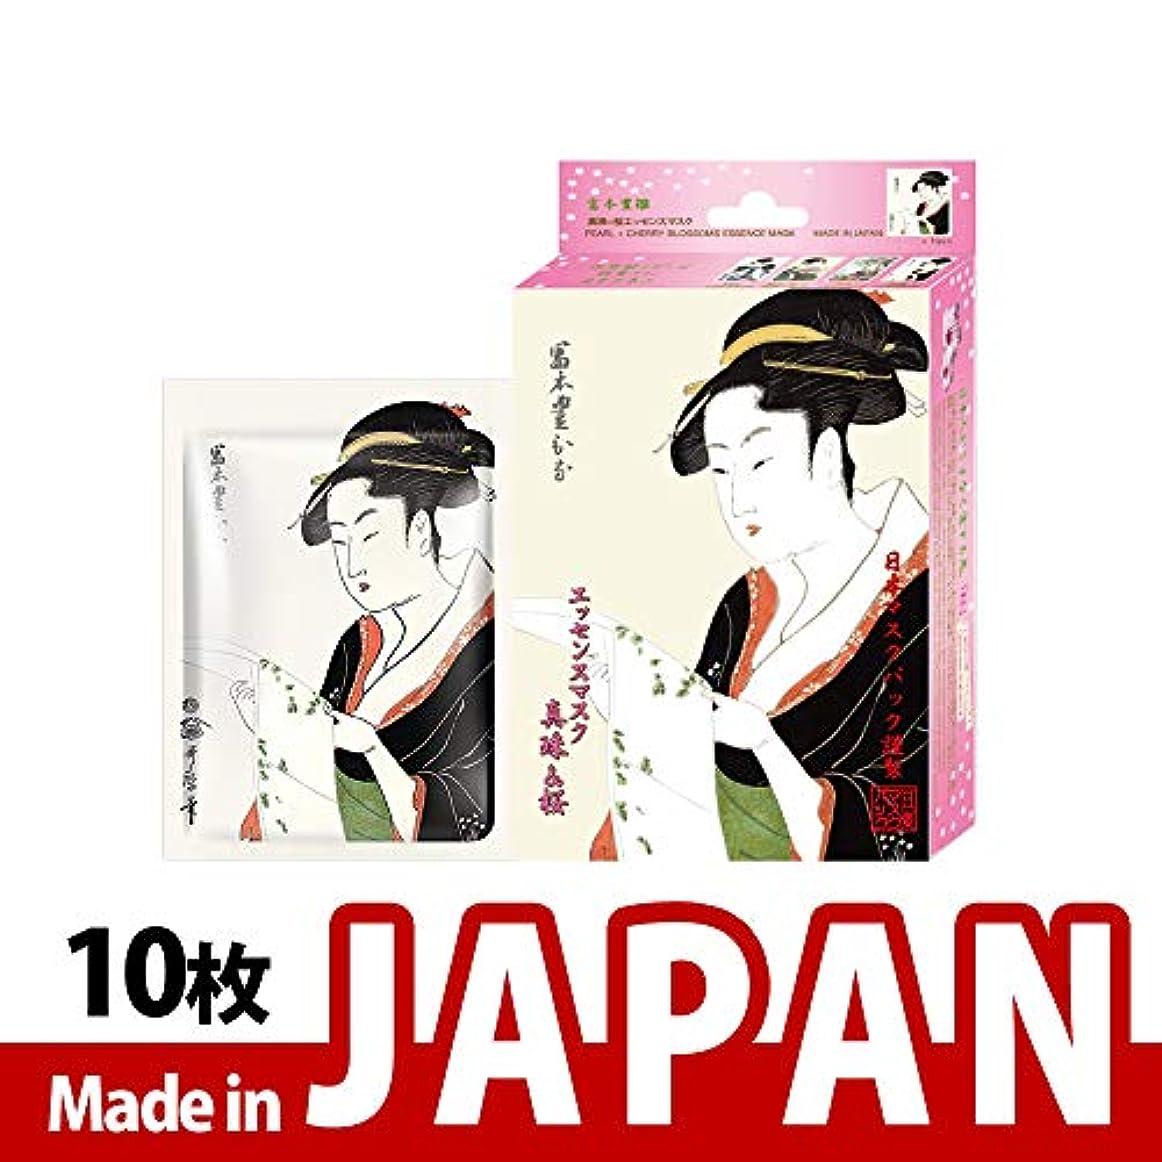 歯痛現像バウンスMITOMO【JP004-A-3】日本製パール+桜 角質ケア美肌 シートマスク/10枚入り/10枚/美容液/マスクパック/送料無料